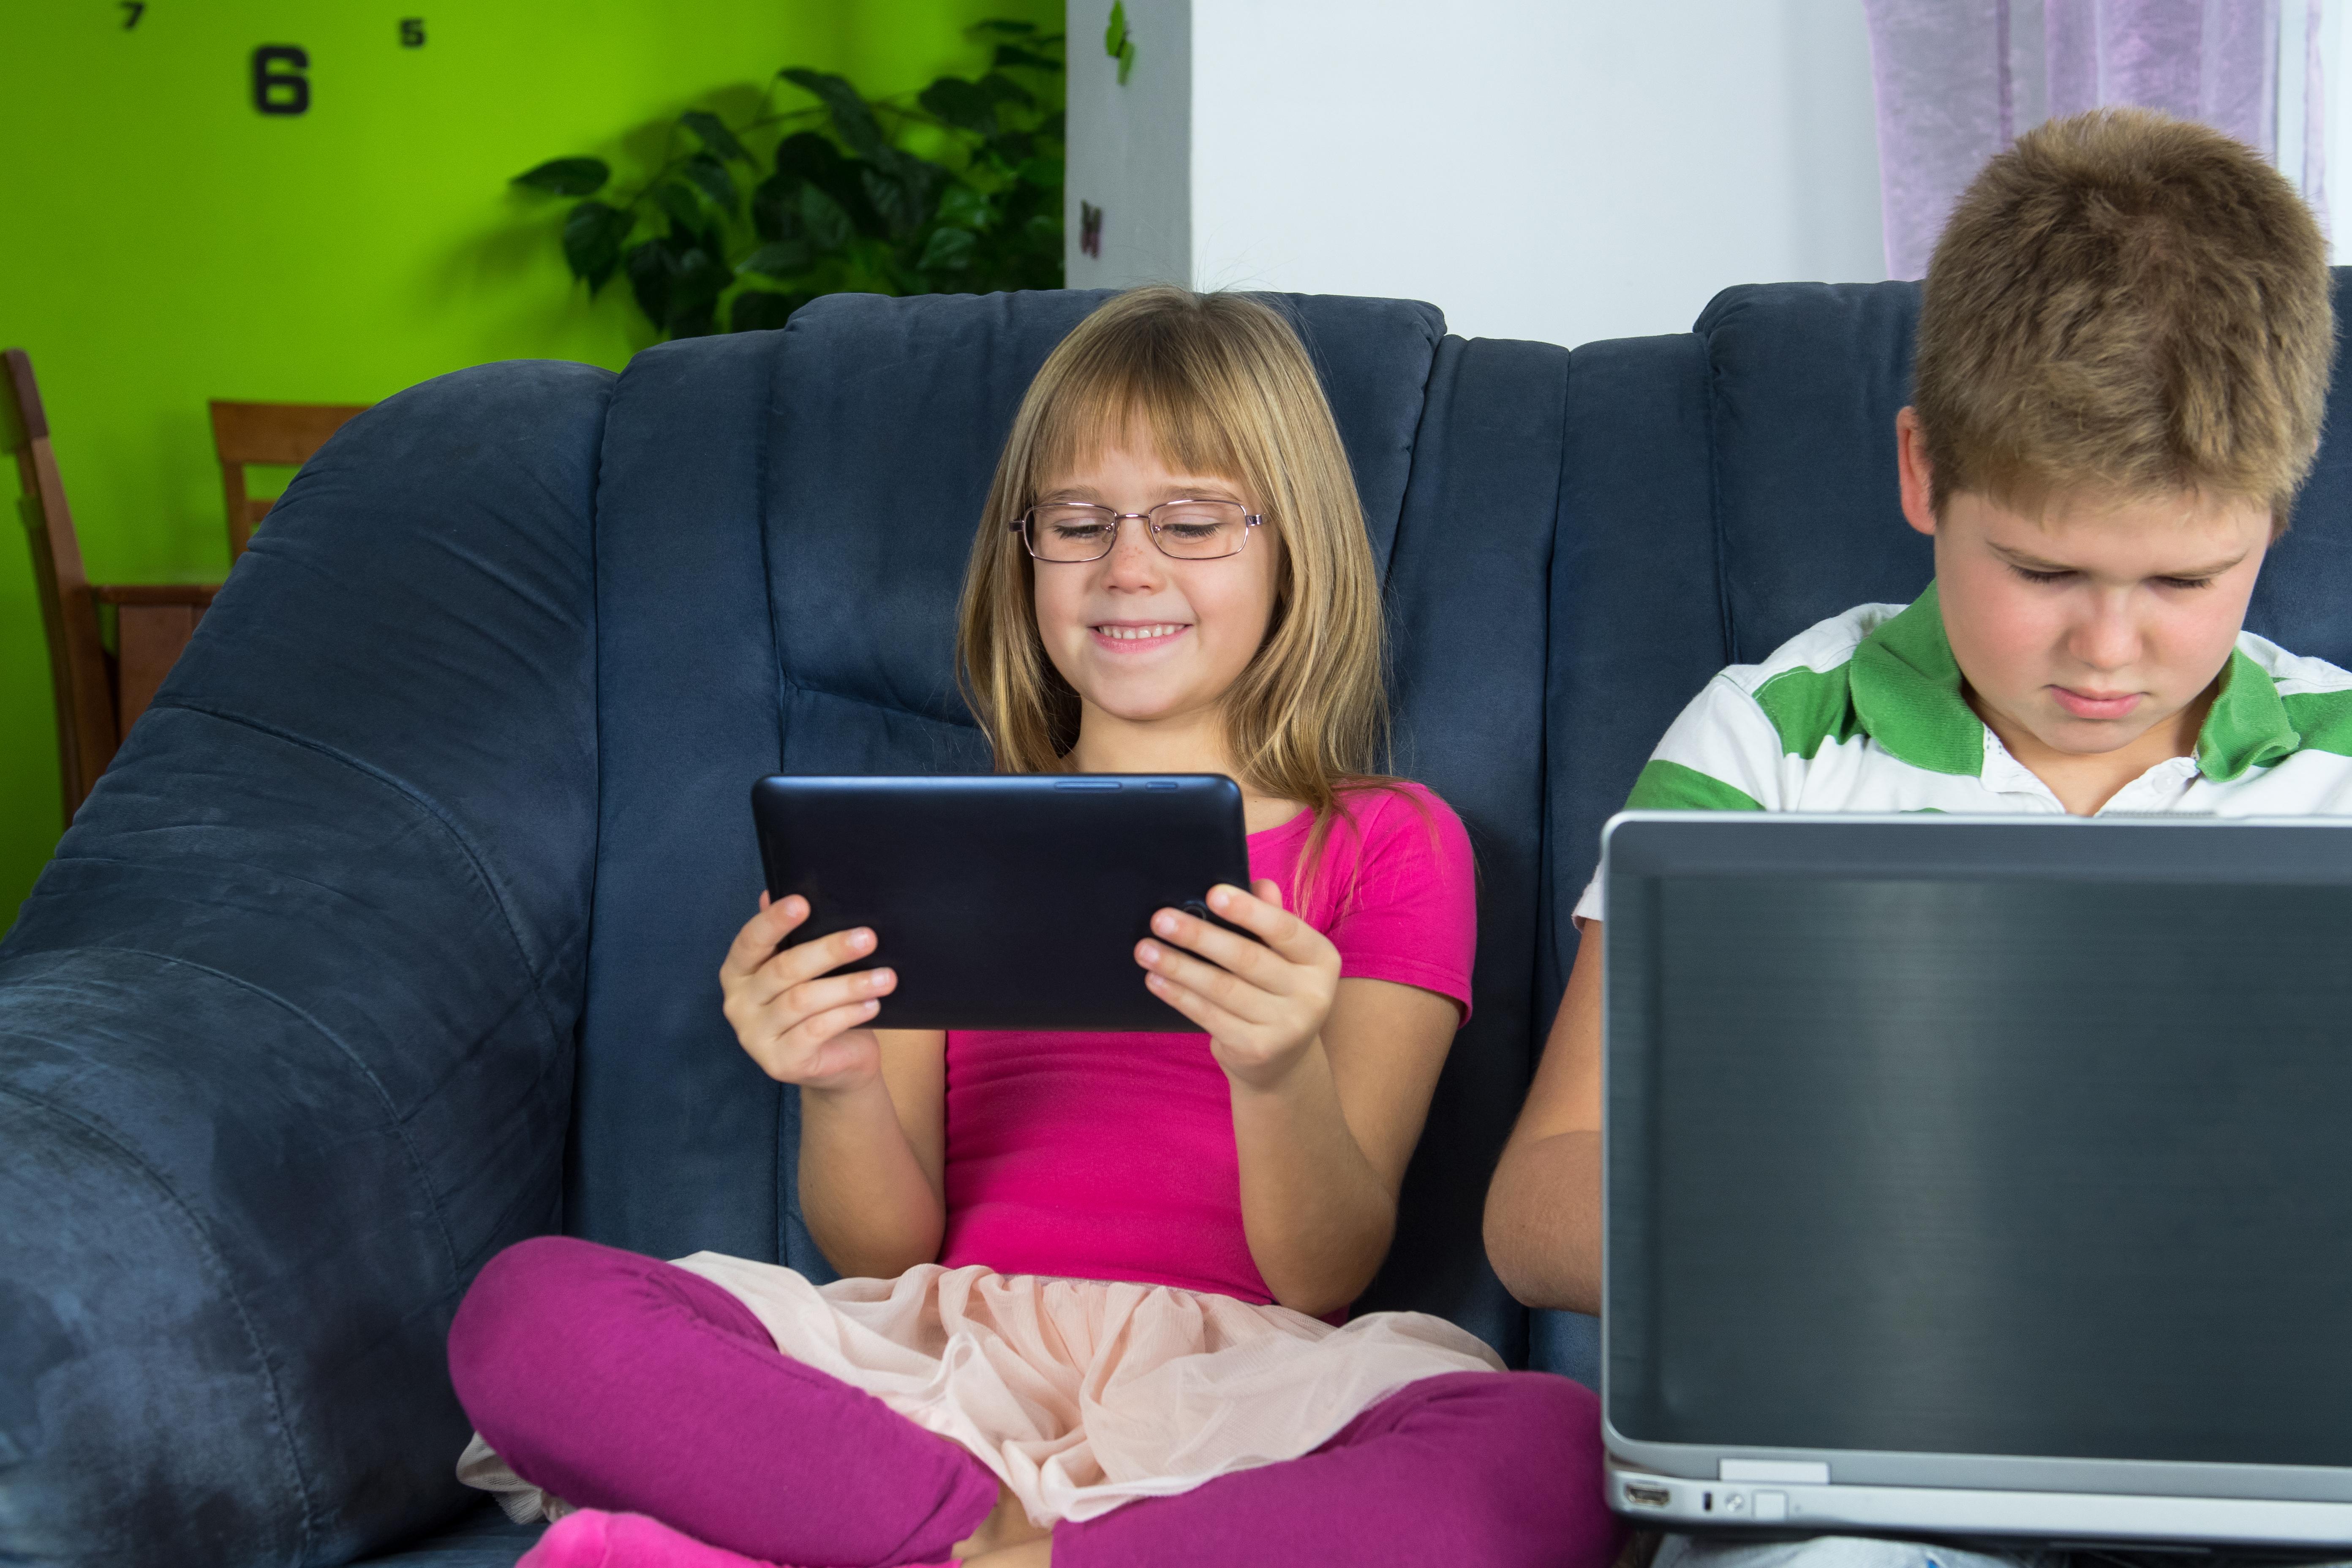 En finsk studie visar att det finns en koppling mellan mycket skärmtid och övervikt och bukfetma hos barn.